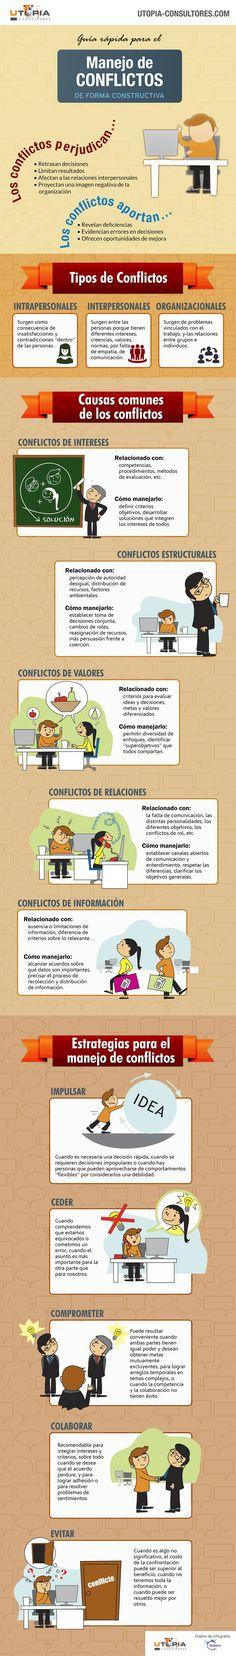 Guía rápida para el manejo de conflictos #infografia